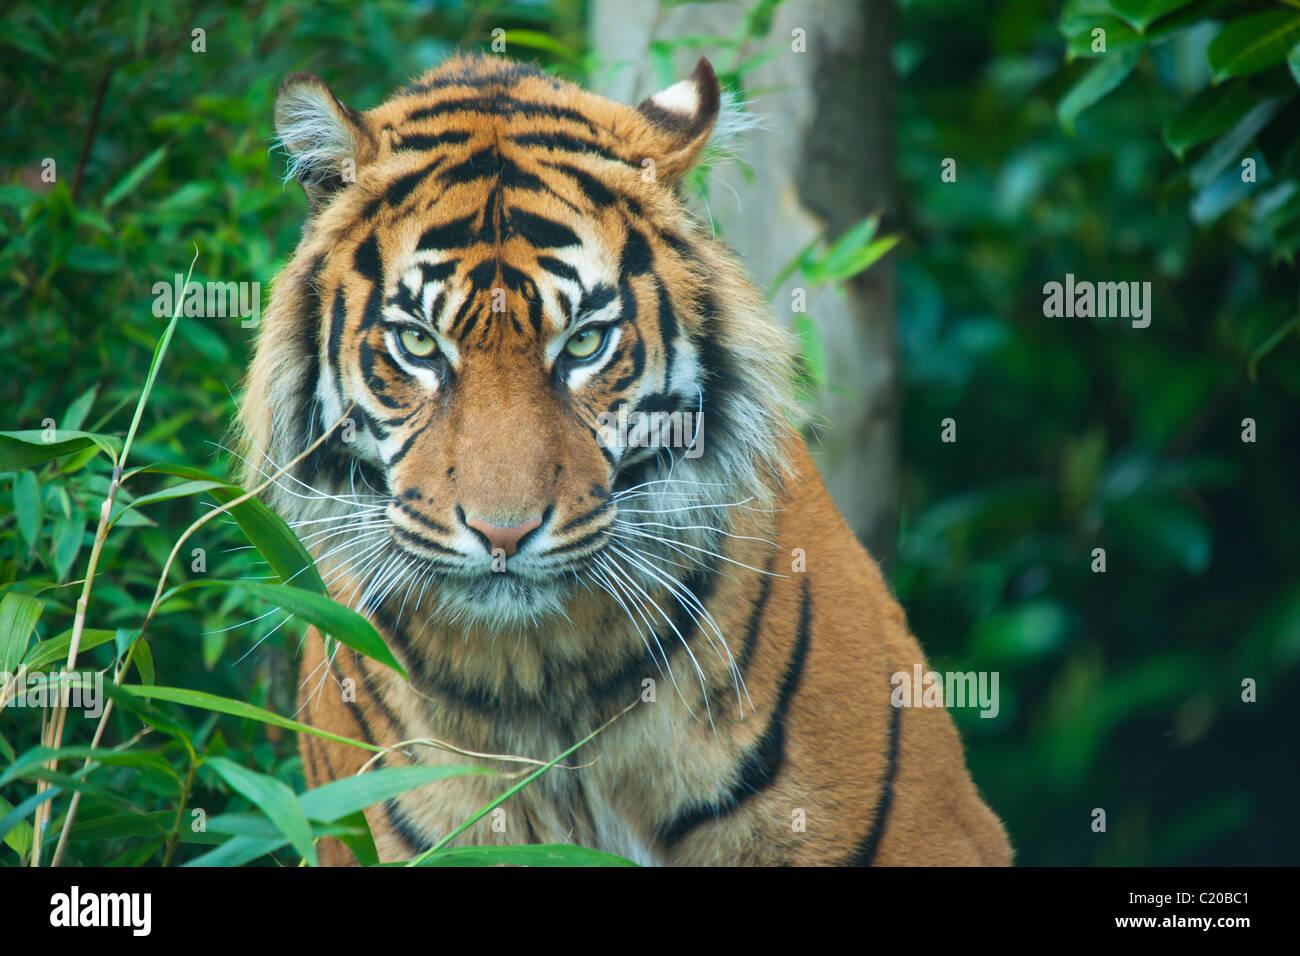 Lo Zoo di Chester, Cheshire, Inghilterra, Regno Unito Immagini Stock